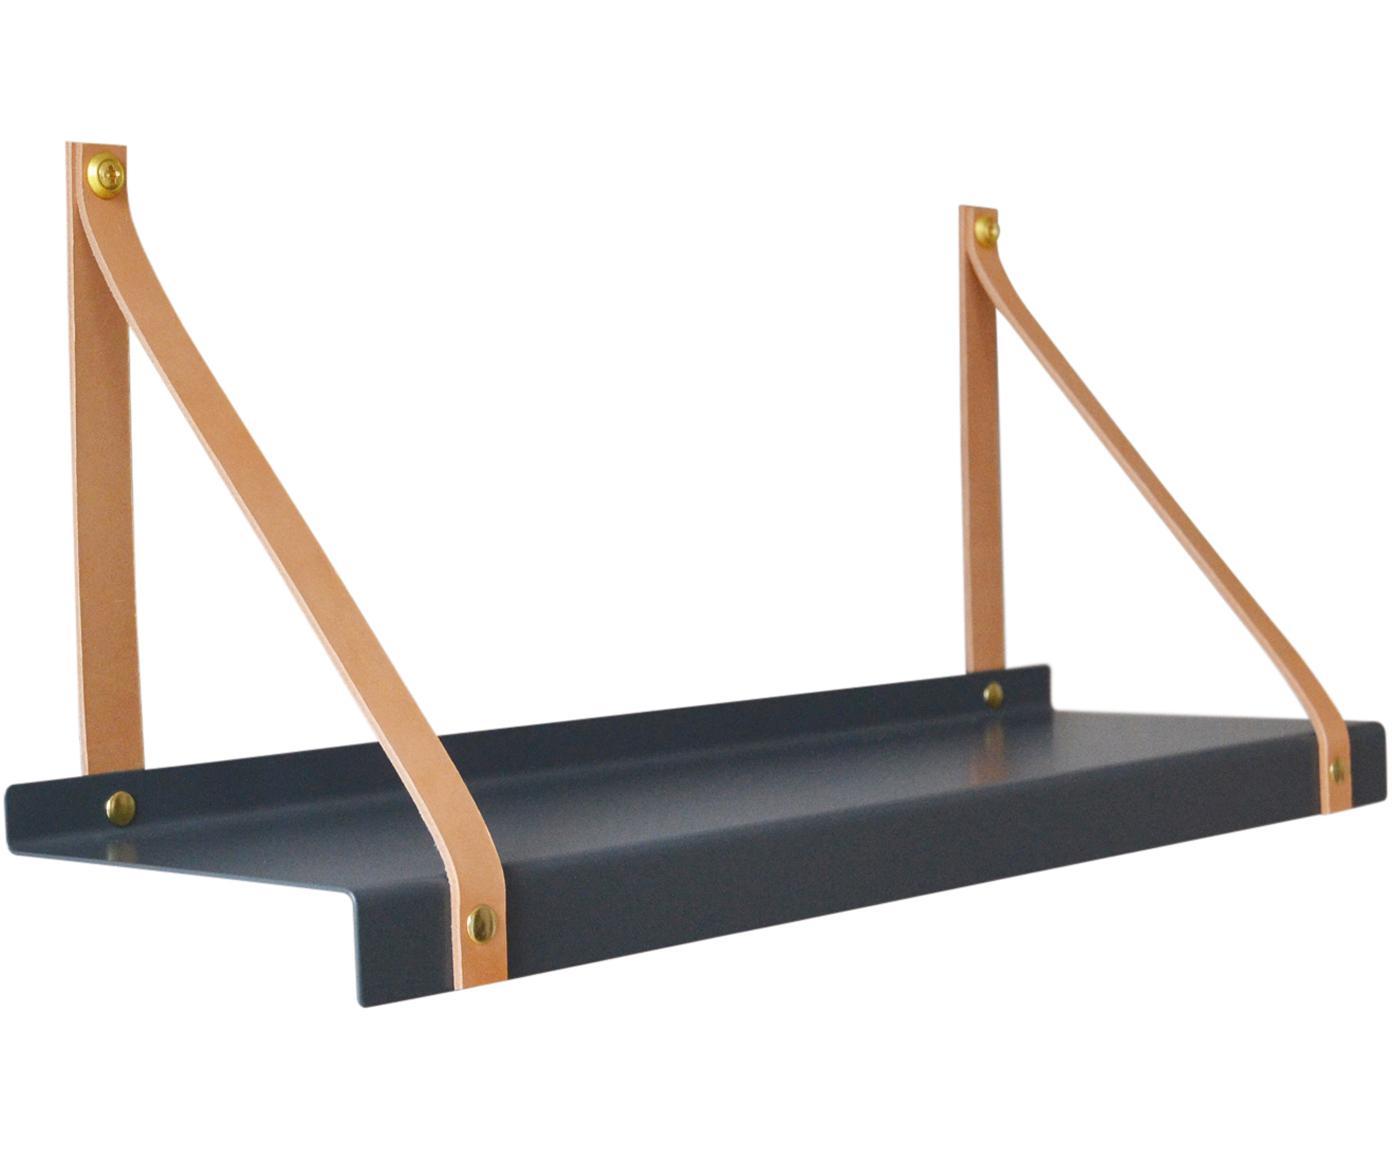 Wandplank Shelfie, Plank: gepoedercoat metaal, Riemen: leer, Grijs, bruin, B 50 x D 15 cm